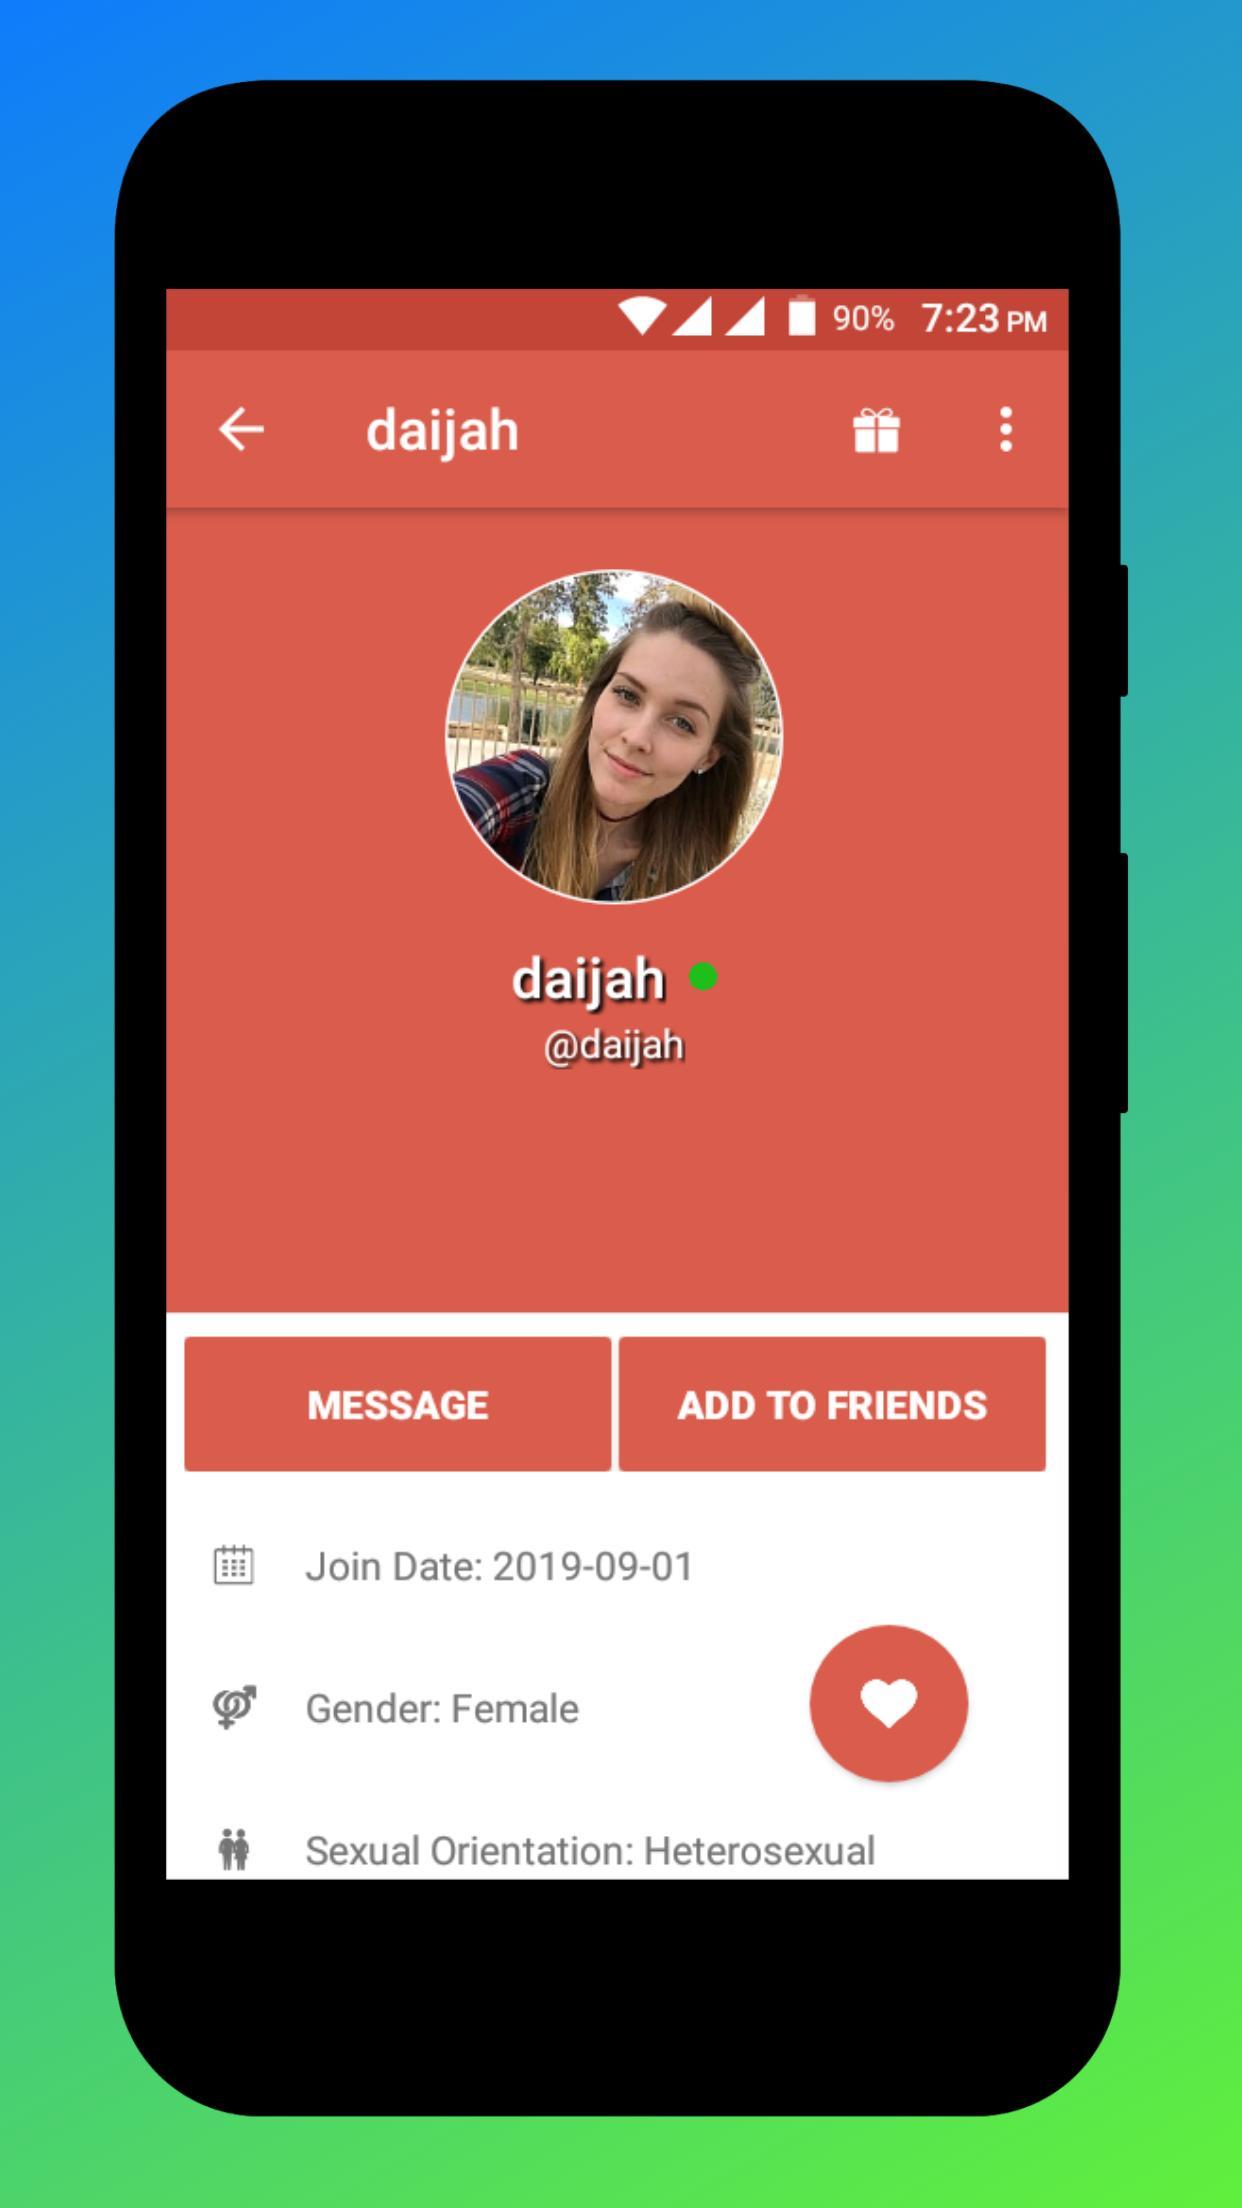 australia dating app care este ratingul meu de potrivire